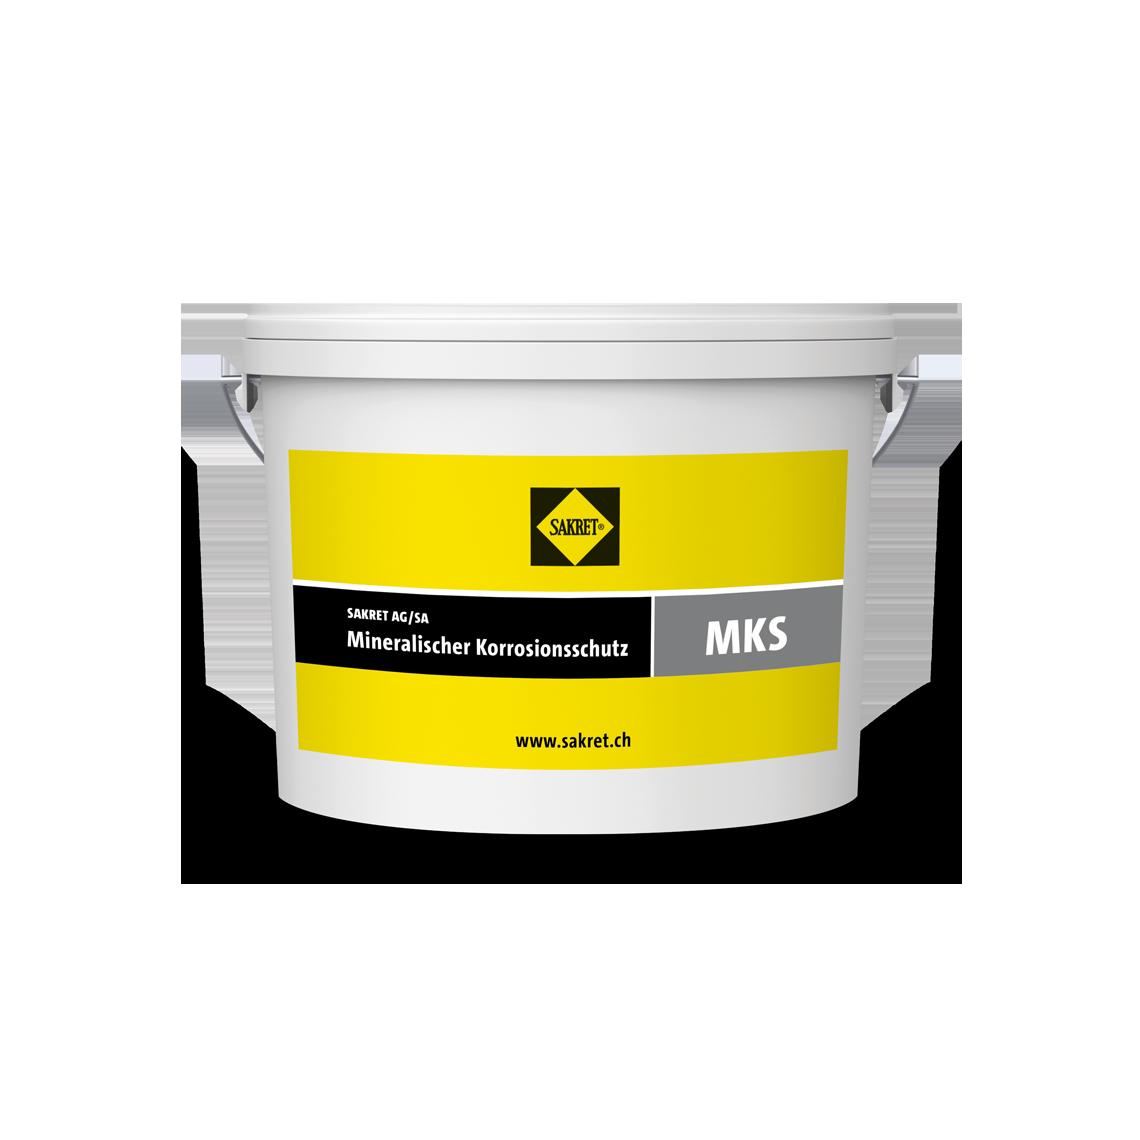 SAKRET Mineralischer Korrosionsschutz MKS